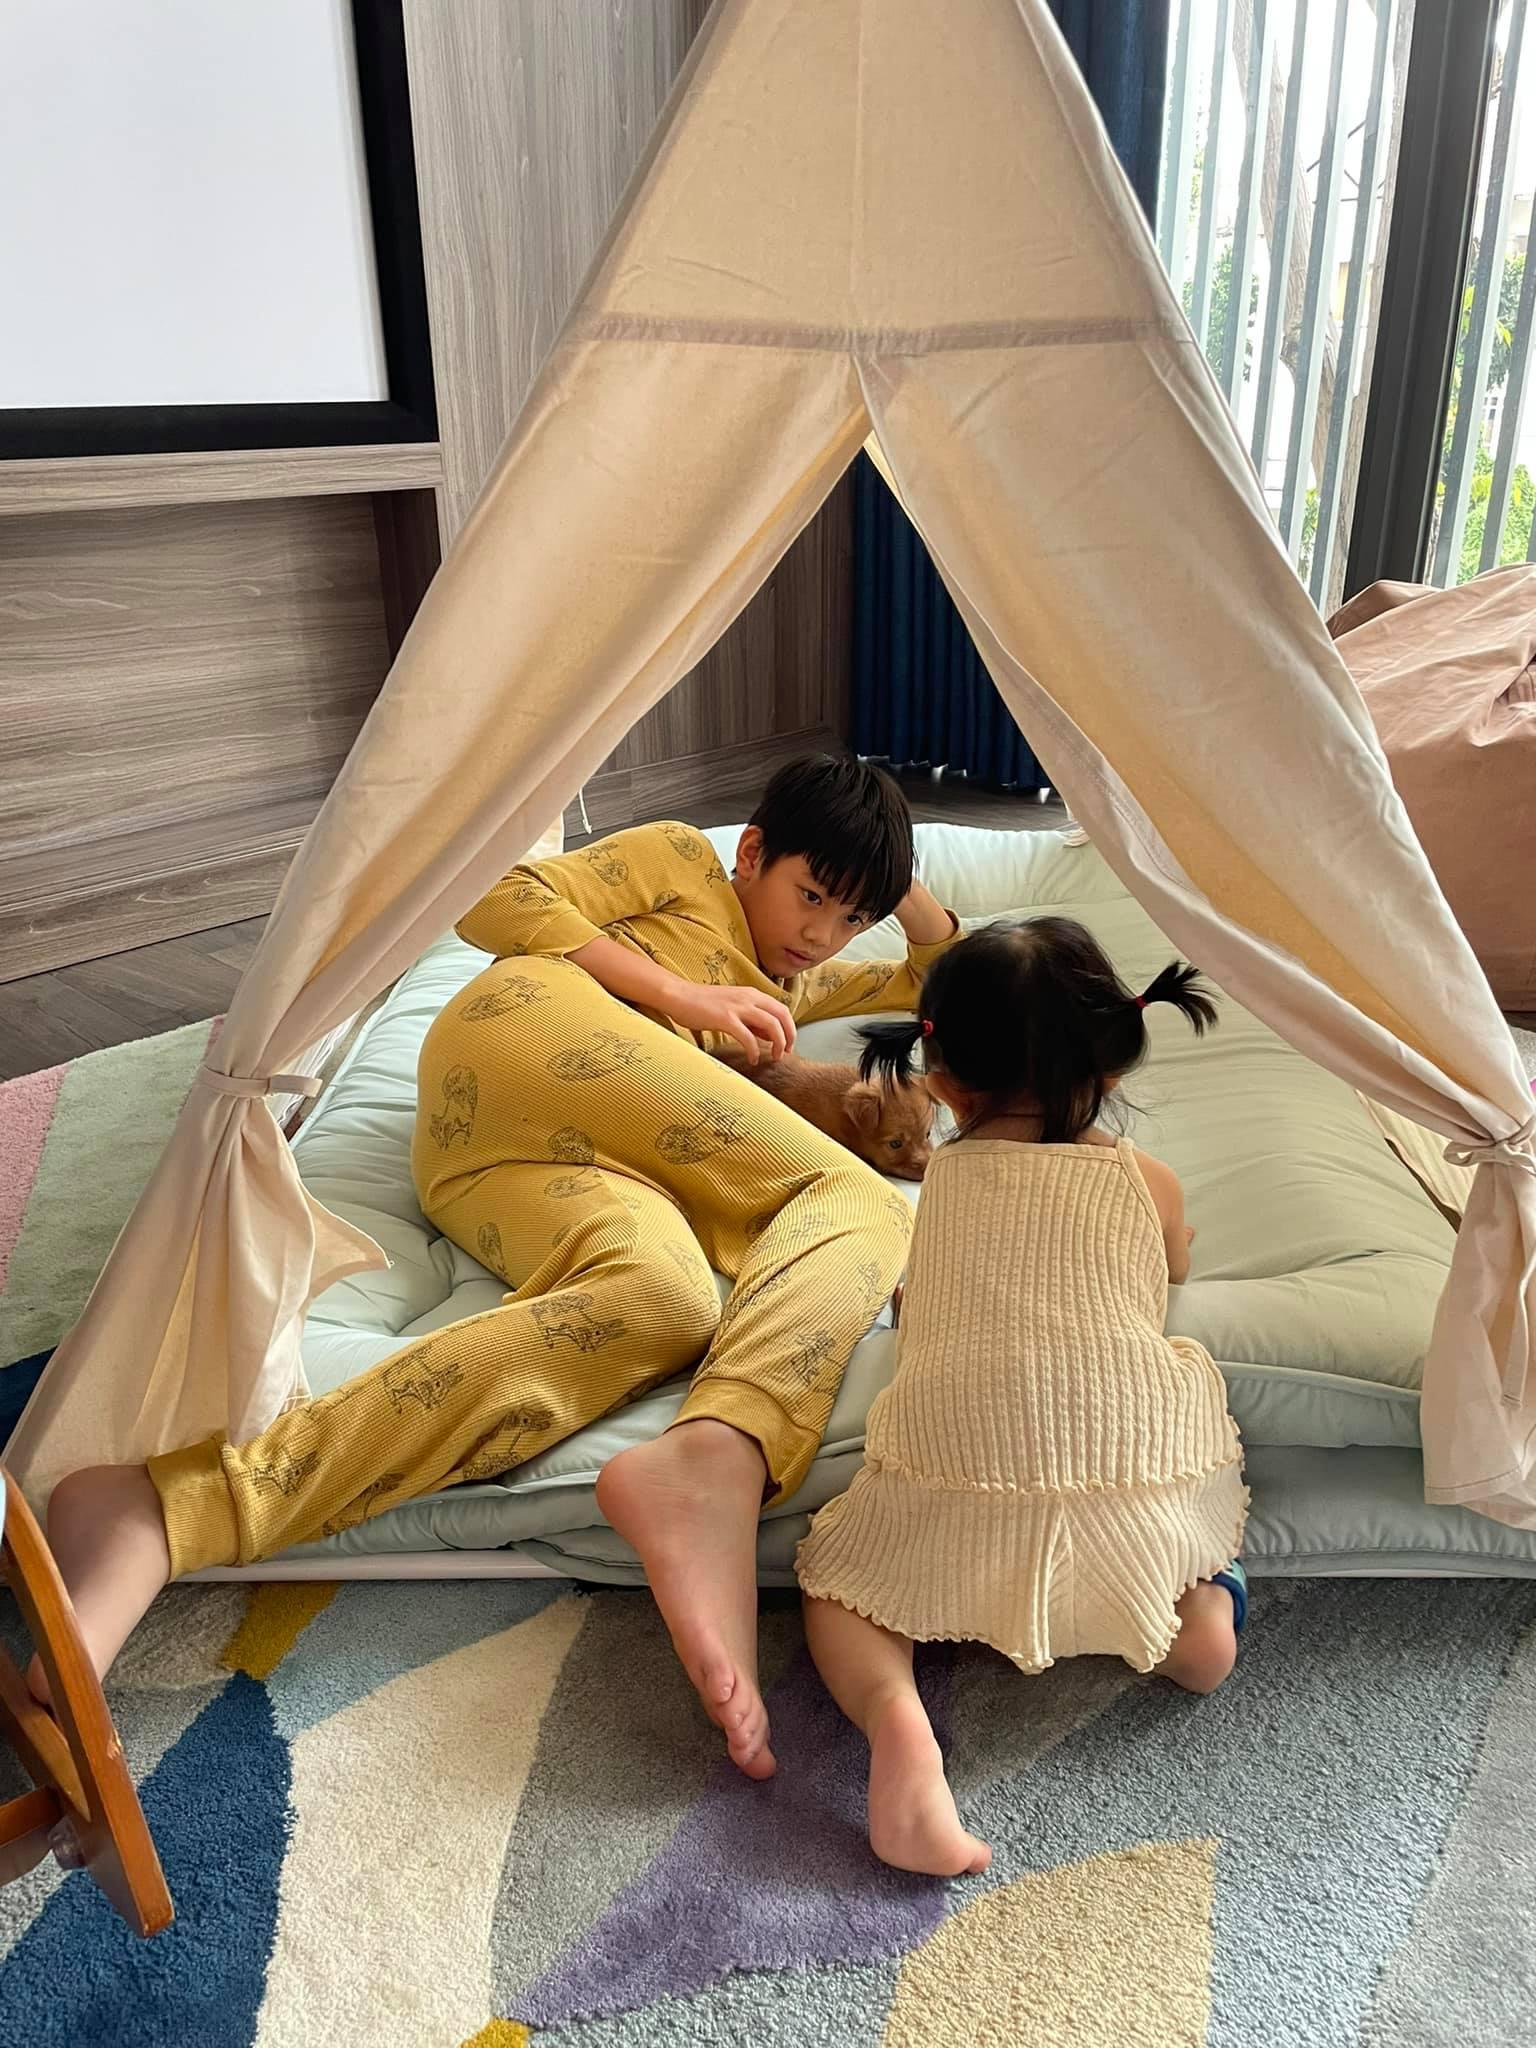 Cuối tuần trước, vợ chồng Cường Đôla bắt tay vào dựng một khu lều trại nhỏ tại gia cho hai con vui chơi những ngày nghỉ. Home camping (cắm trại tại nhà) đang là xu hướng của người Sài Gòn hai năm gần đây bởi vừa an toàn, lại xả stress mà không phải đi xa. Nhà có sân vườn rộng thường dựng lều trại ngoài trời, kết hợp tổ chức tiệc BBQ cùng gia đình. Còn nhà chung cư có thể tận dụng ban công, chọn chiếc lều nhỏ để chill.